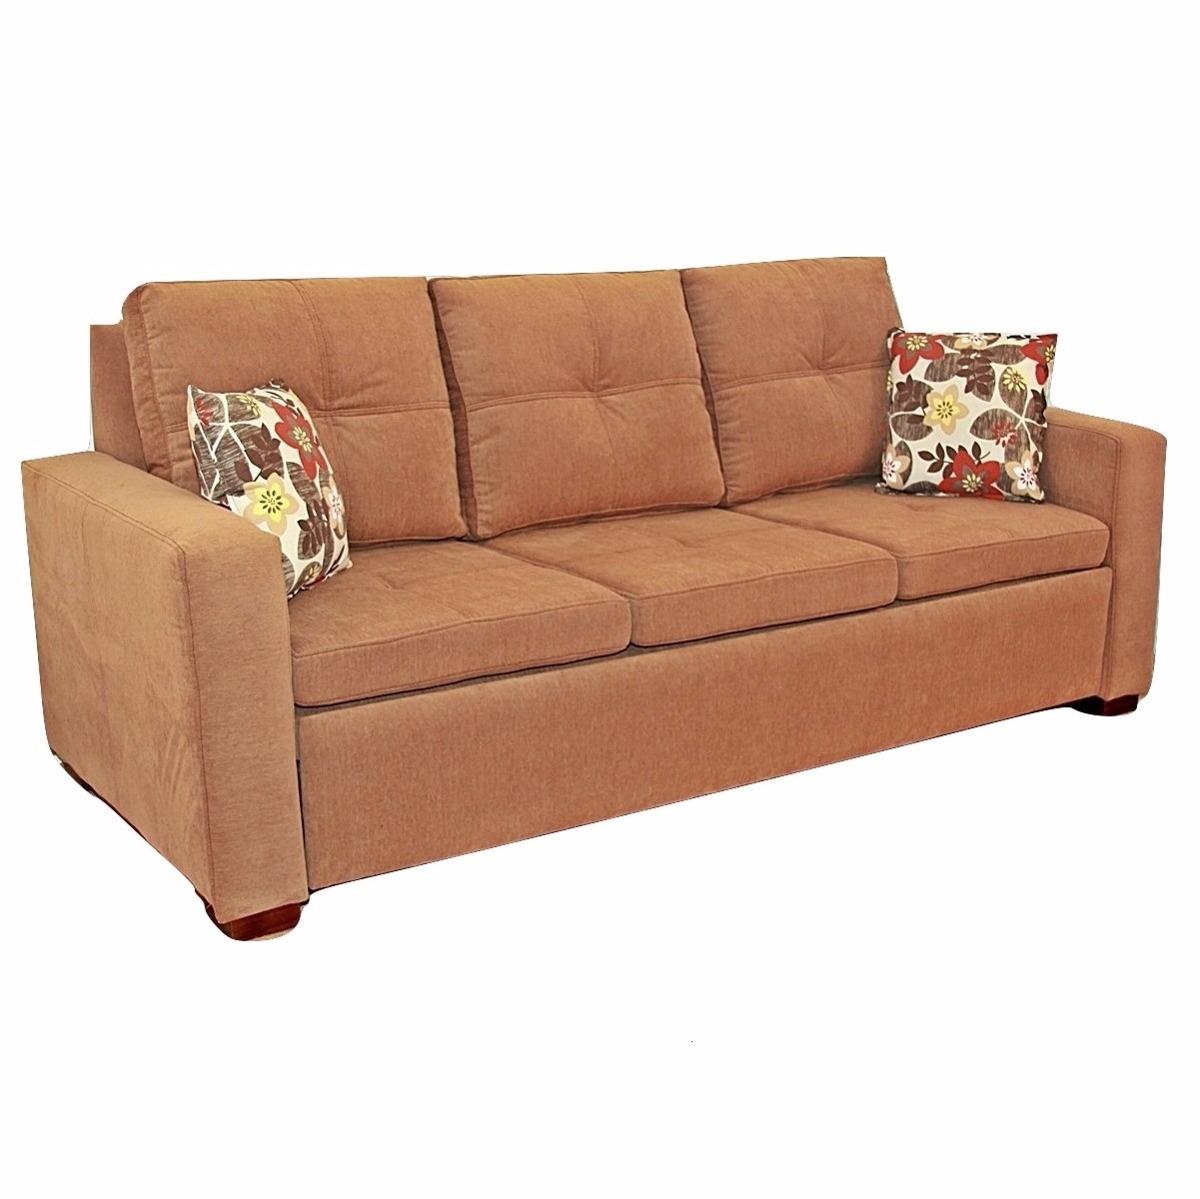 mercadolibre uruguay sofa cama usado linen slipcovered sillón sofá 3 cuerpos 2 plazas modelo mallorca